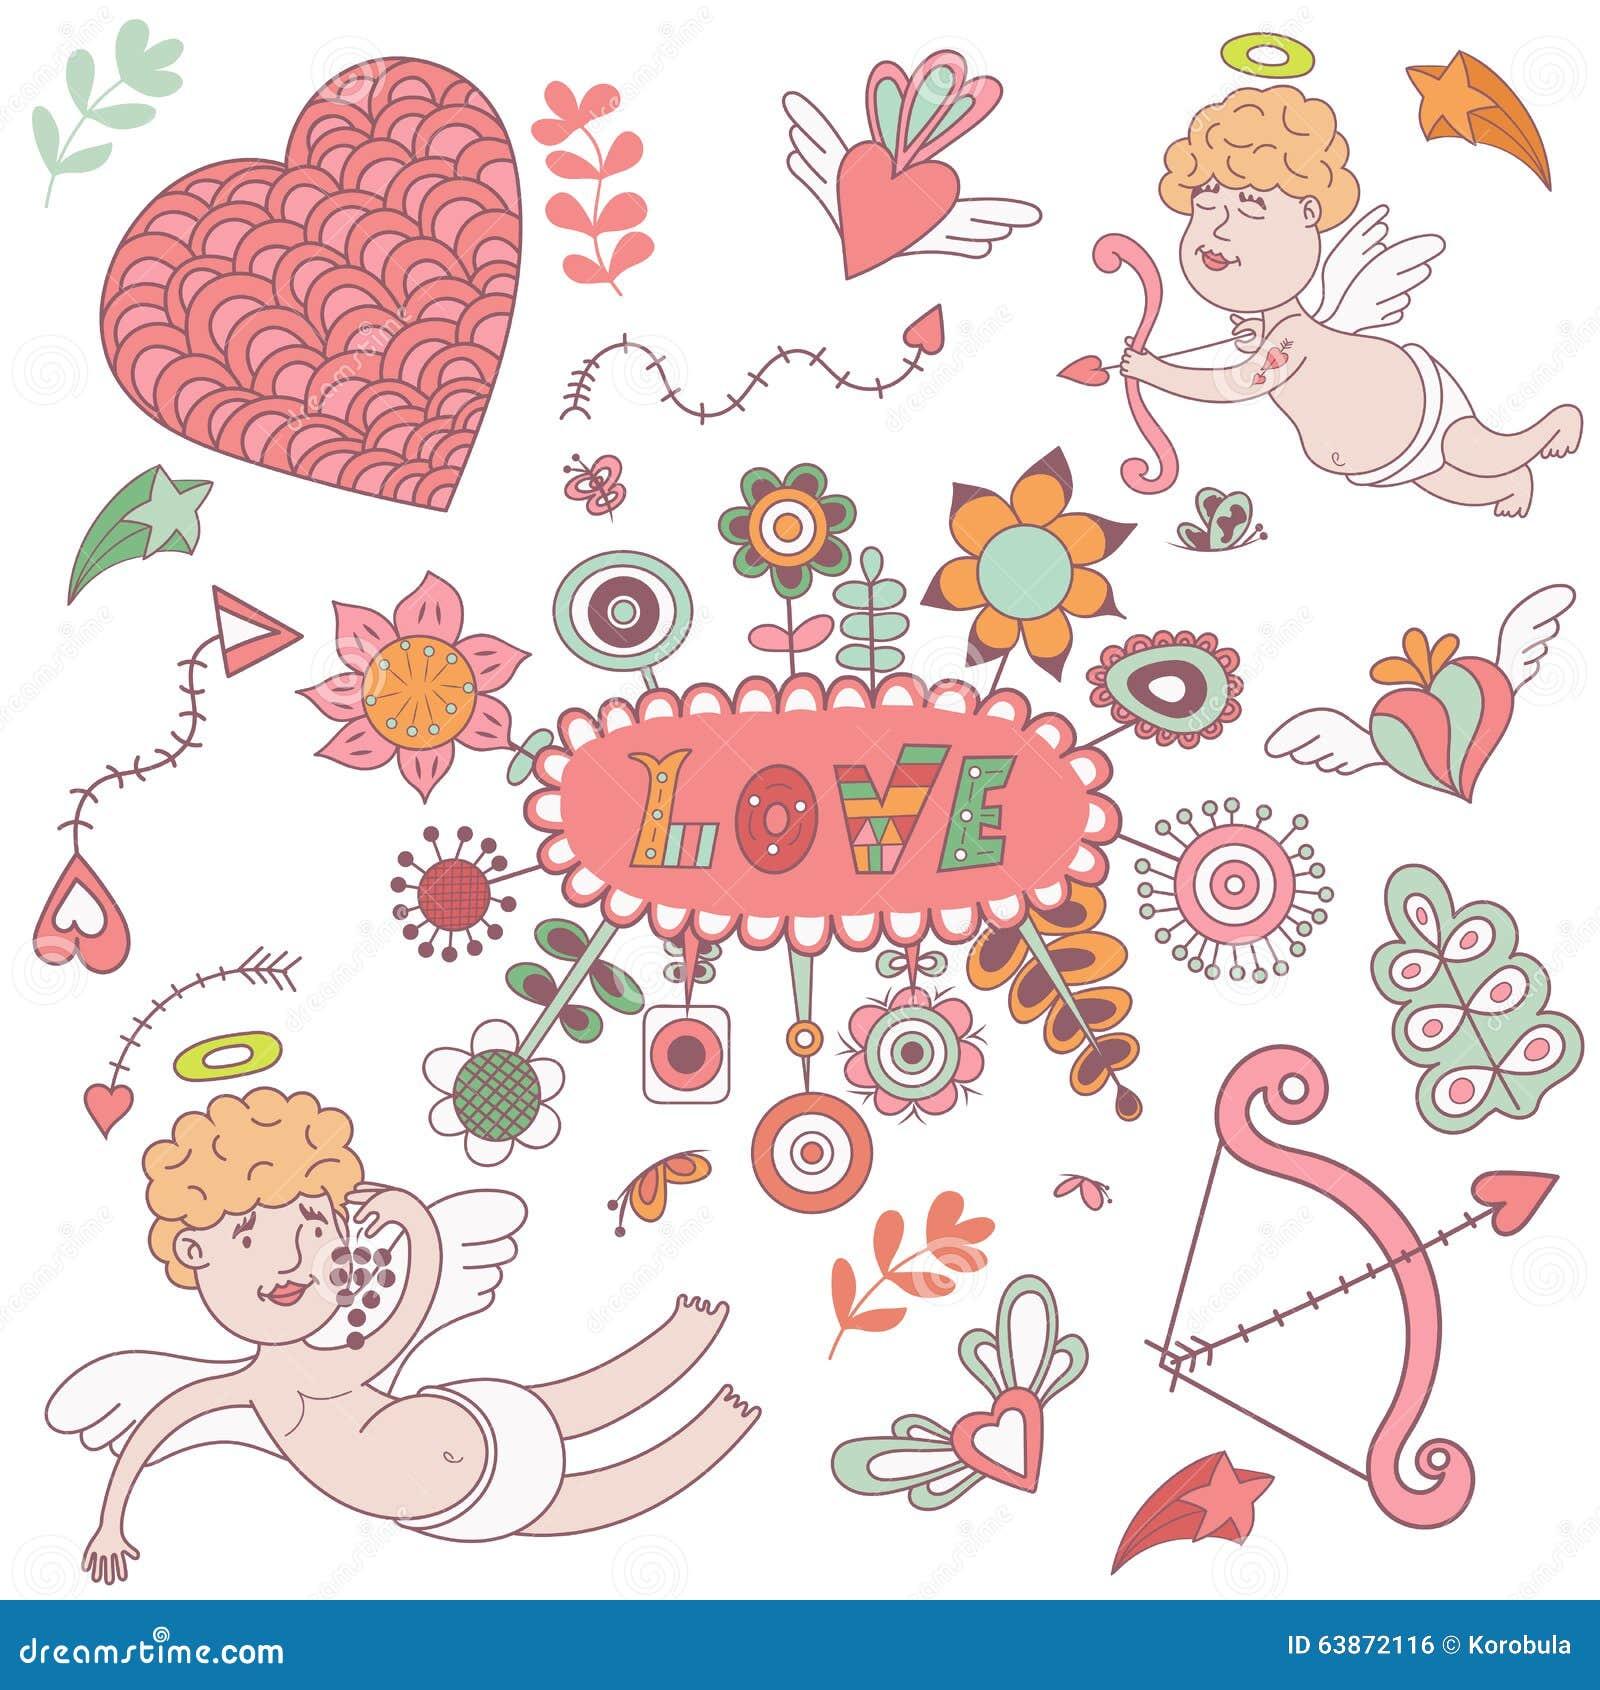 Tarjeta de felicitación para el día de tarjetas del día de San Valentín con ángeles lindos